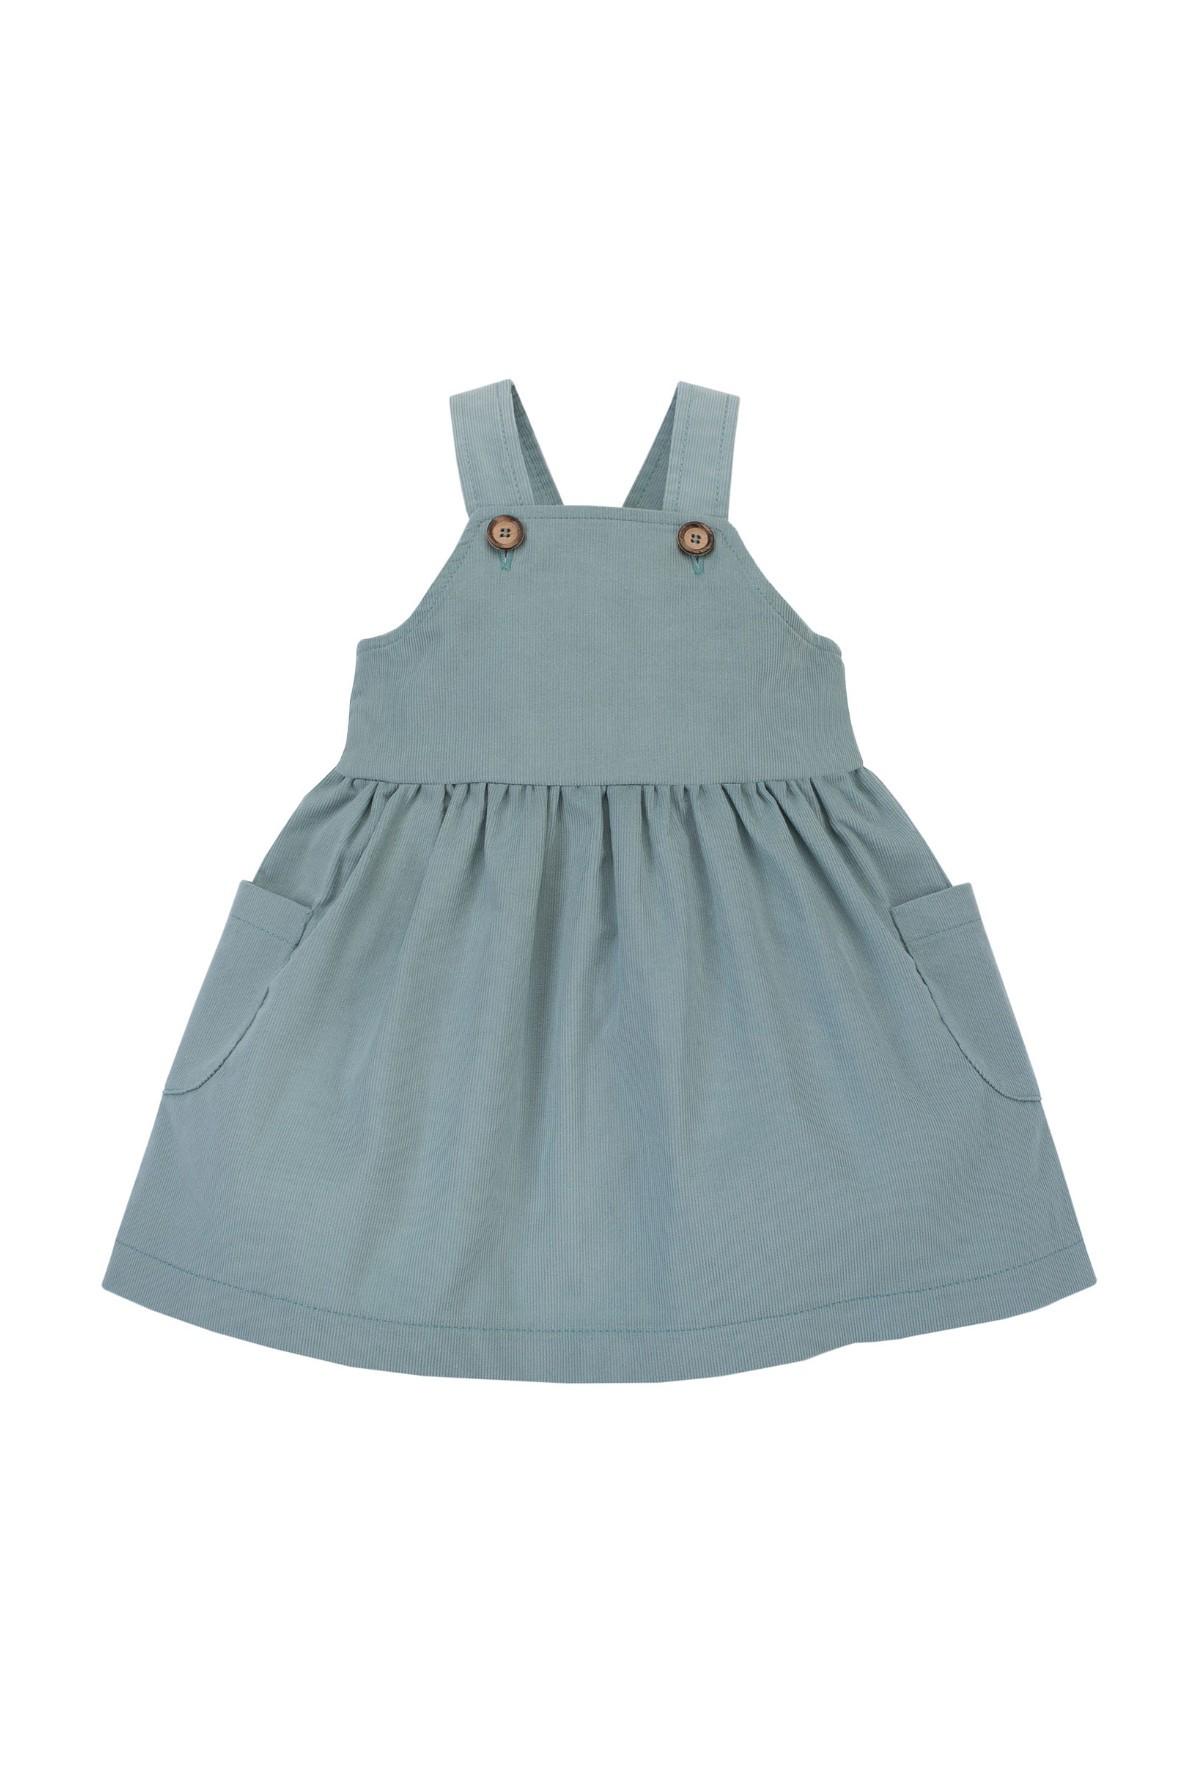 Modna sukienka na szelkach dla dziewczynki w odcieniu mięty